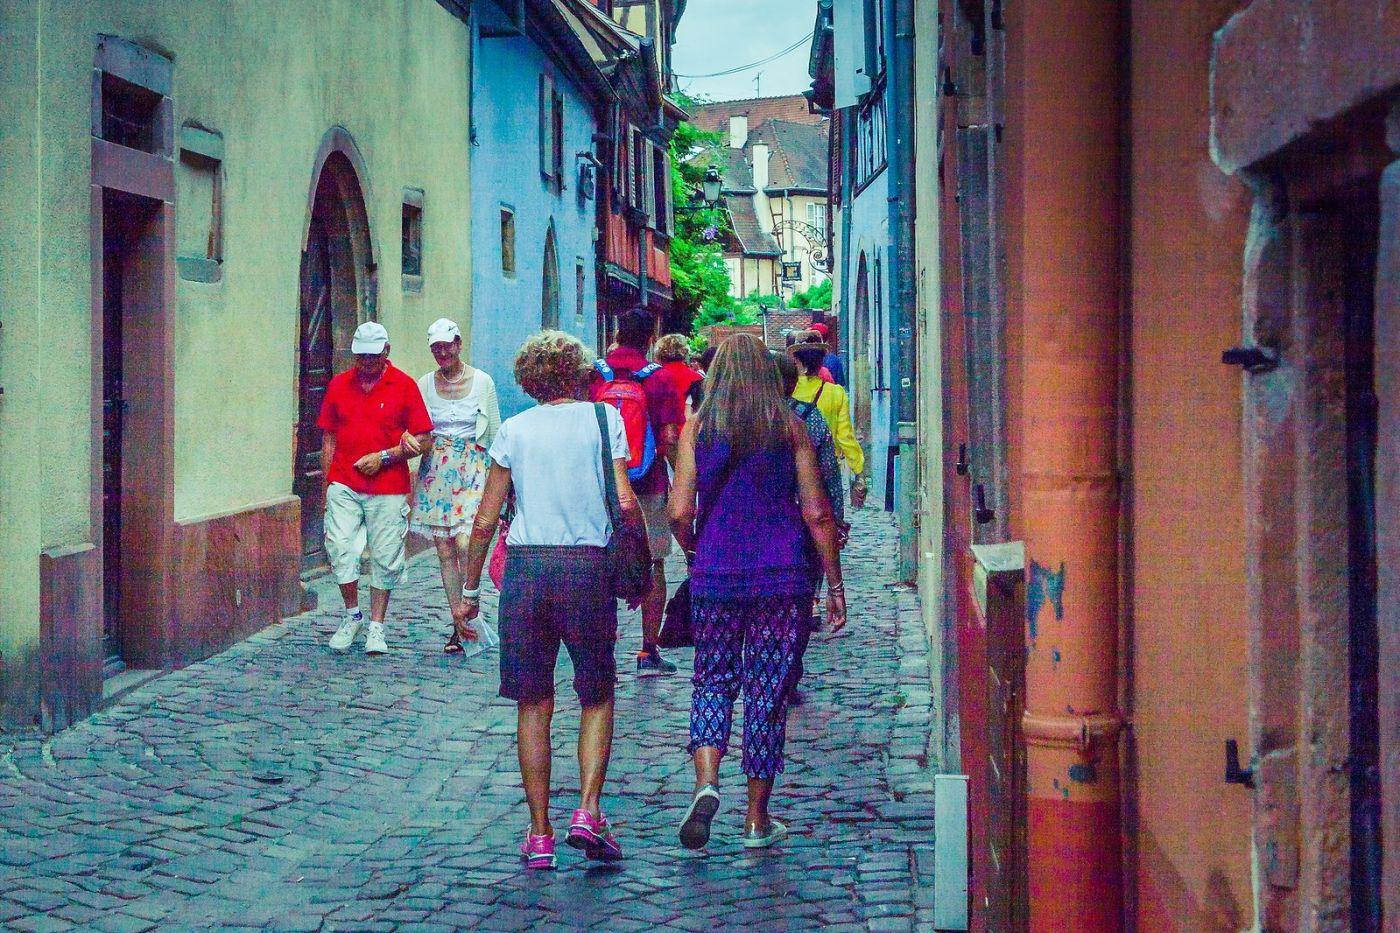 法国科尔马(Colmar),街口路拍_图1-20